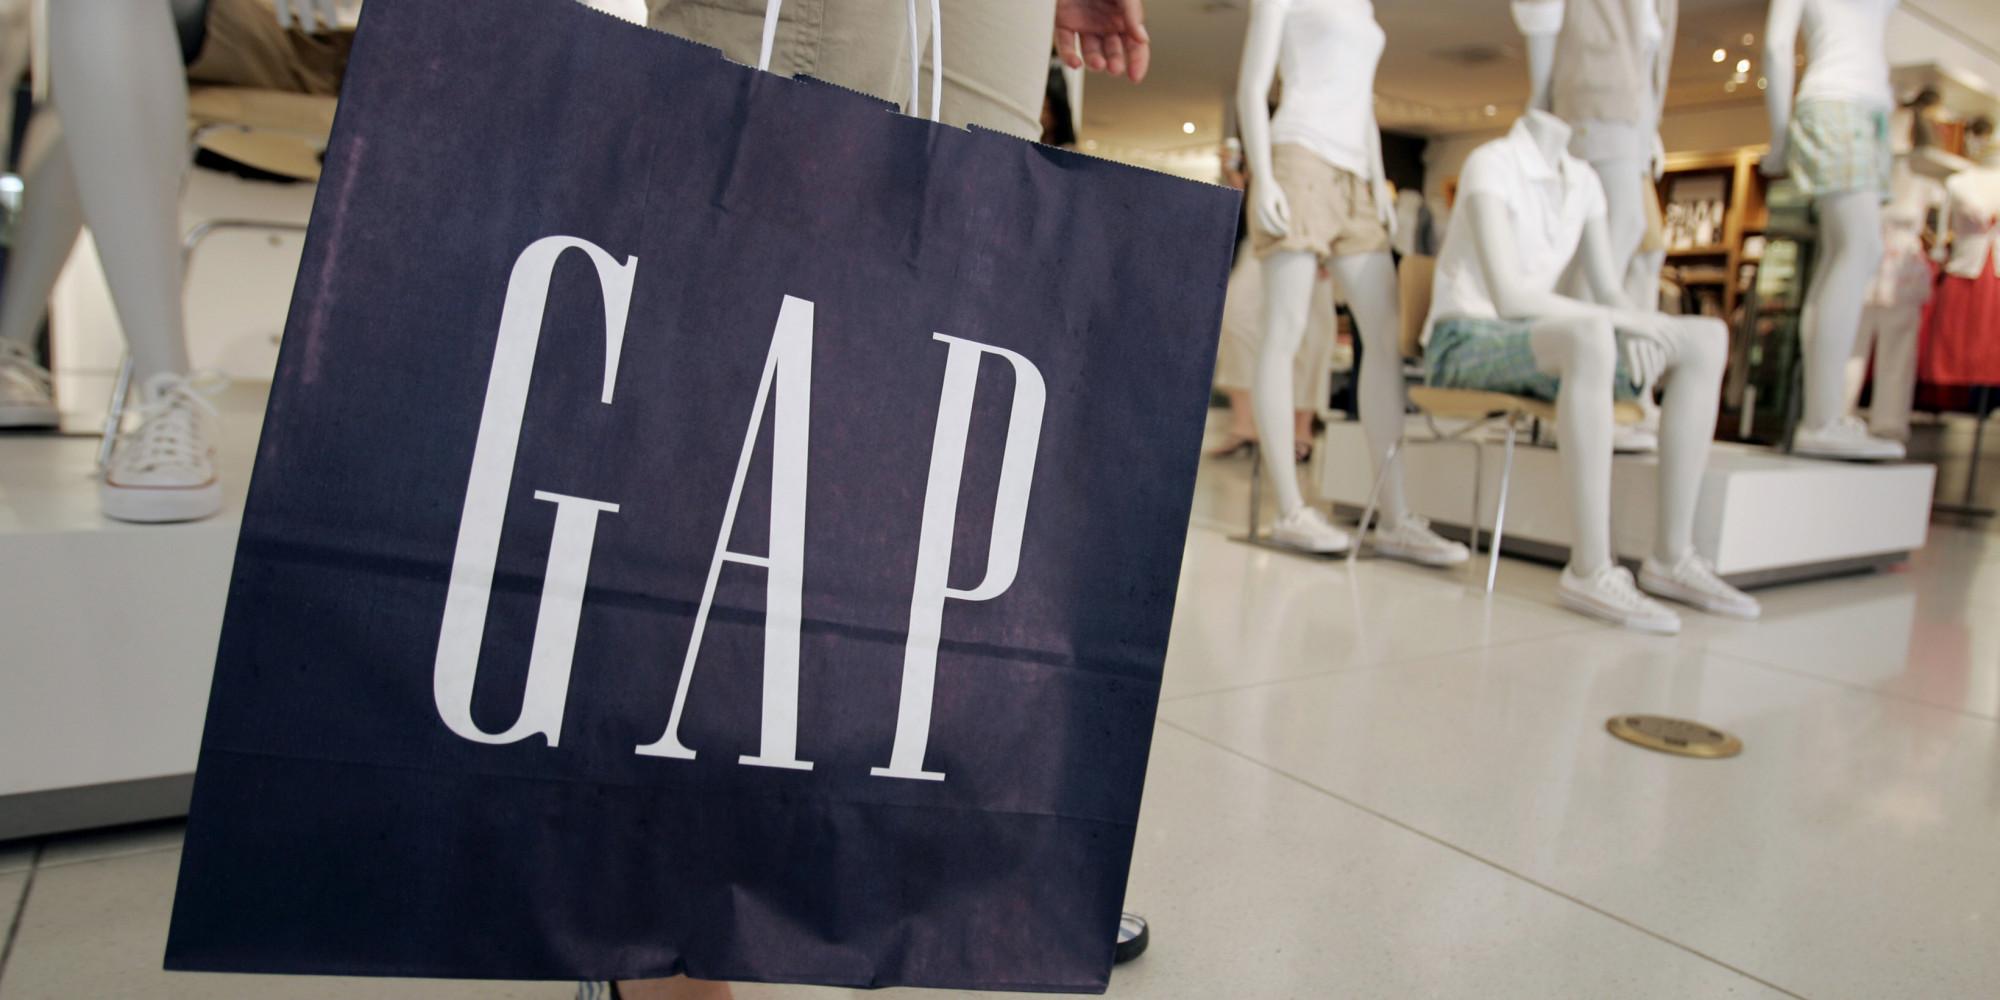 как торговать брендовой одеждой без франшизы